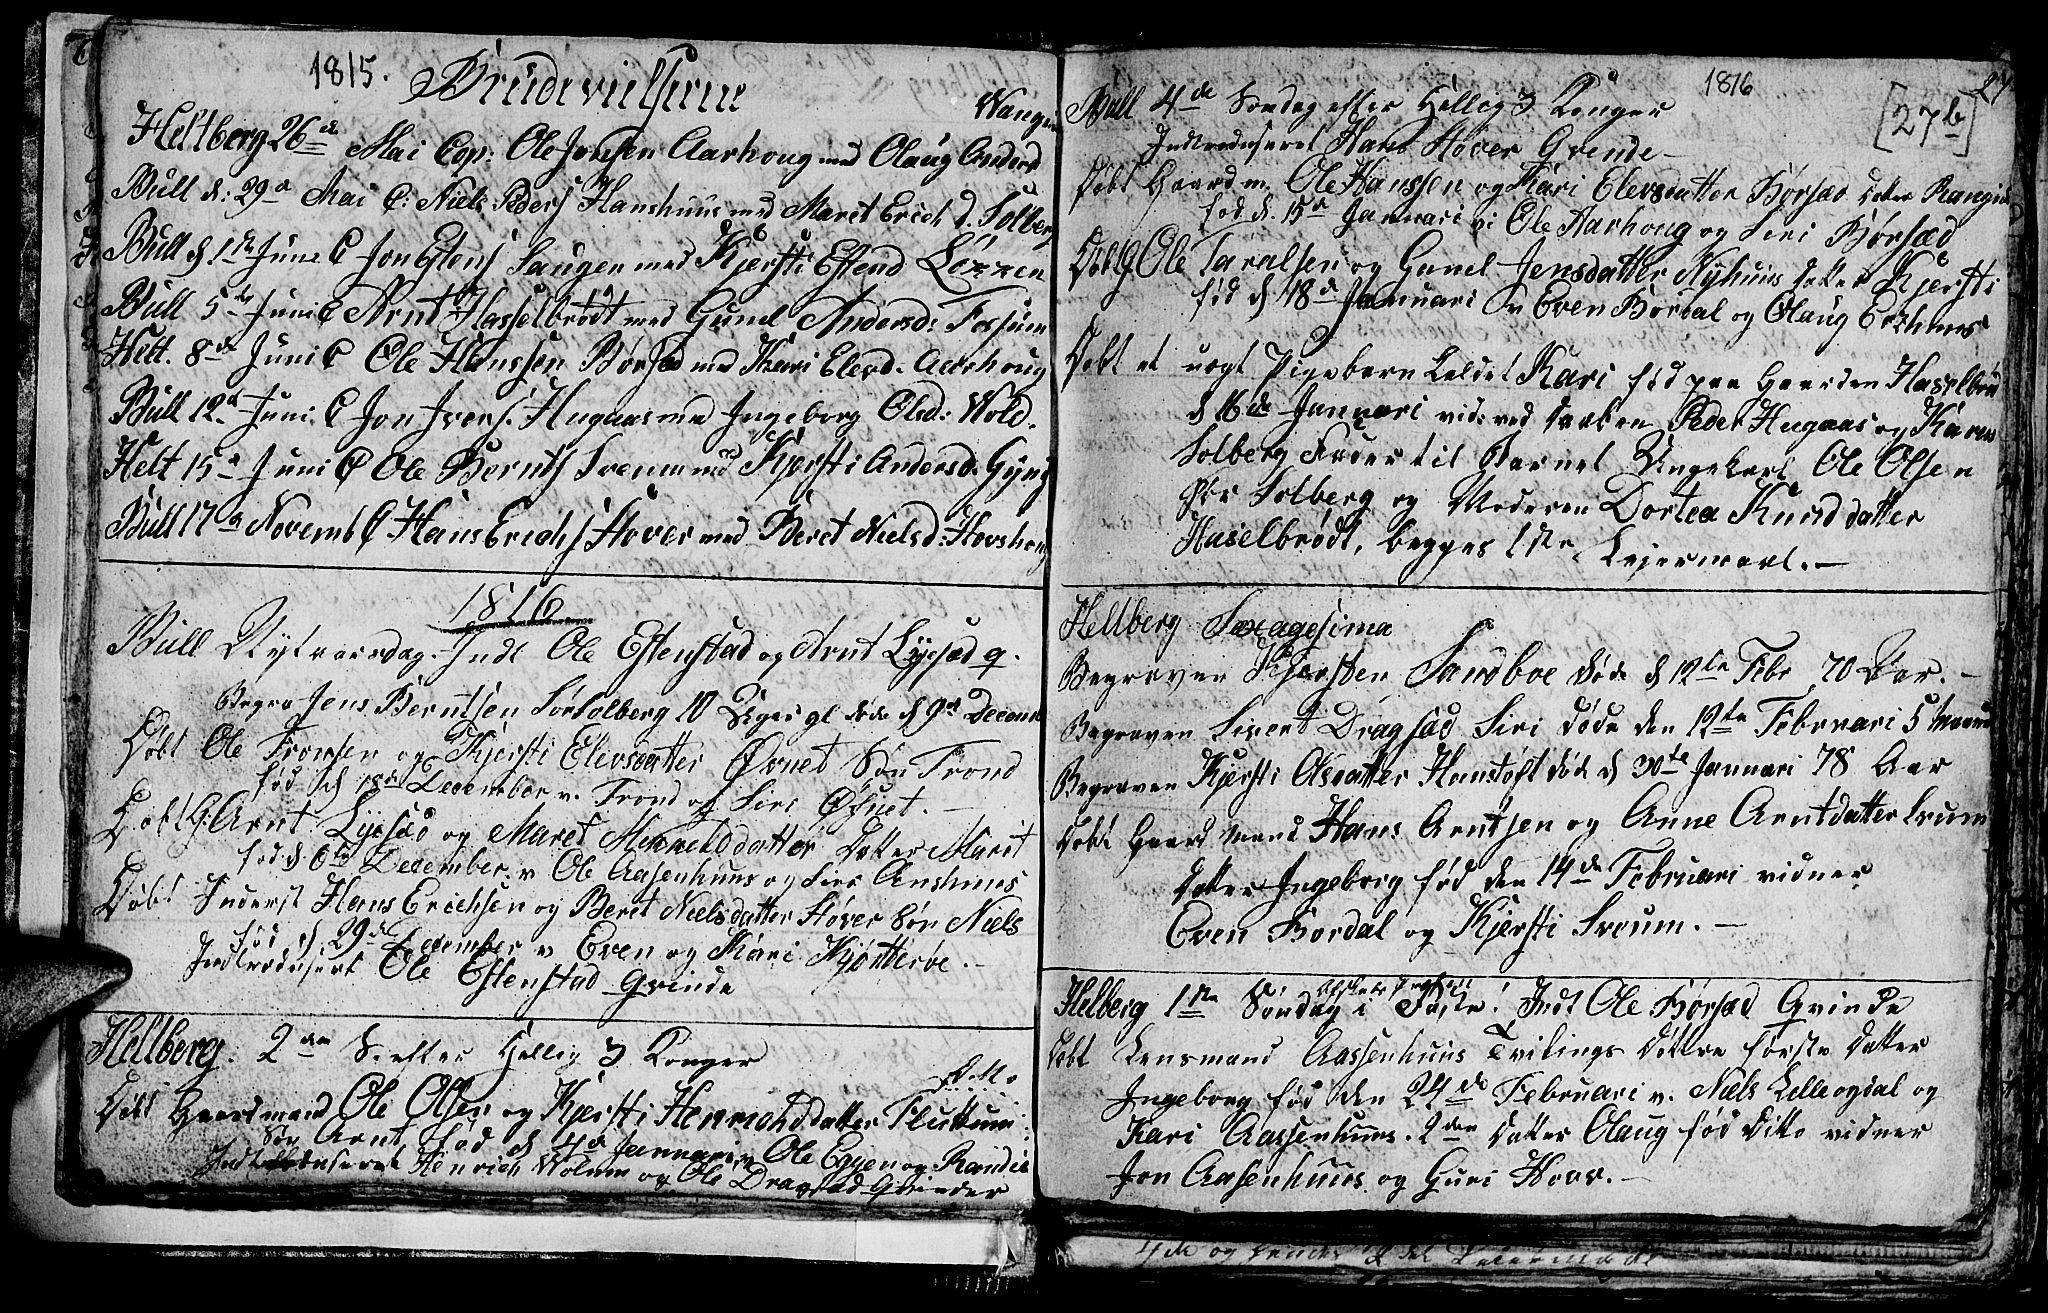 SAT, Ministerialprotokoller, klokkerbøker og fødselsregistre - Sør-Trøndelag, 689/L1042: Klokkerbok nr. 689C01, 1812-1841, s. 26b-27b